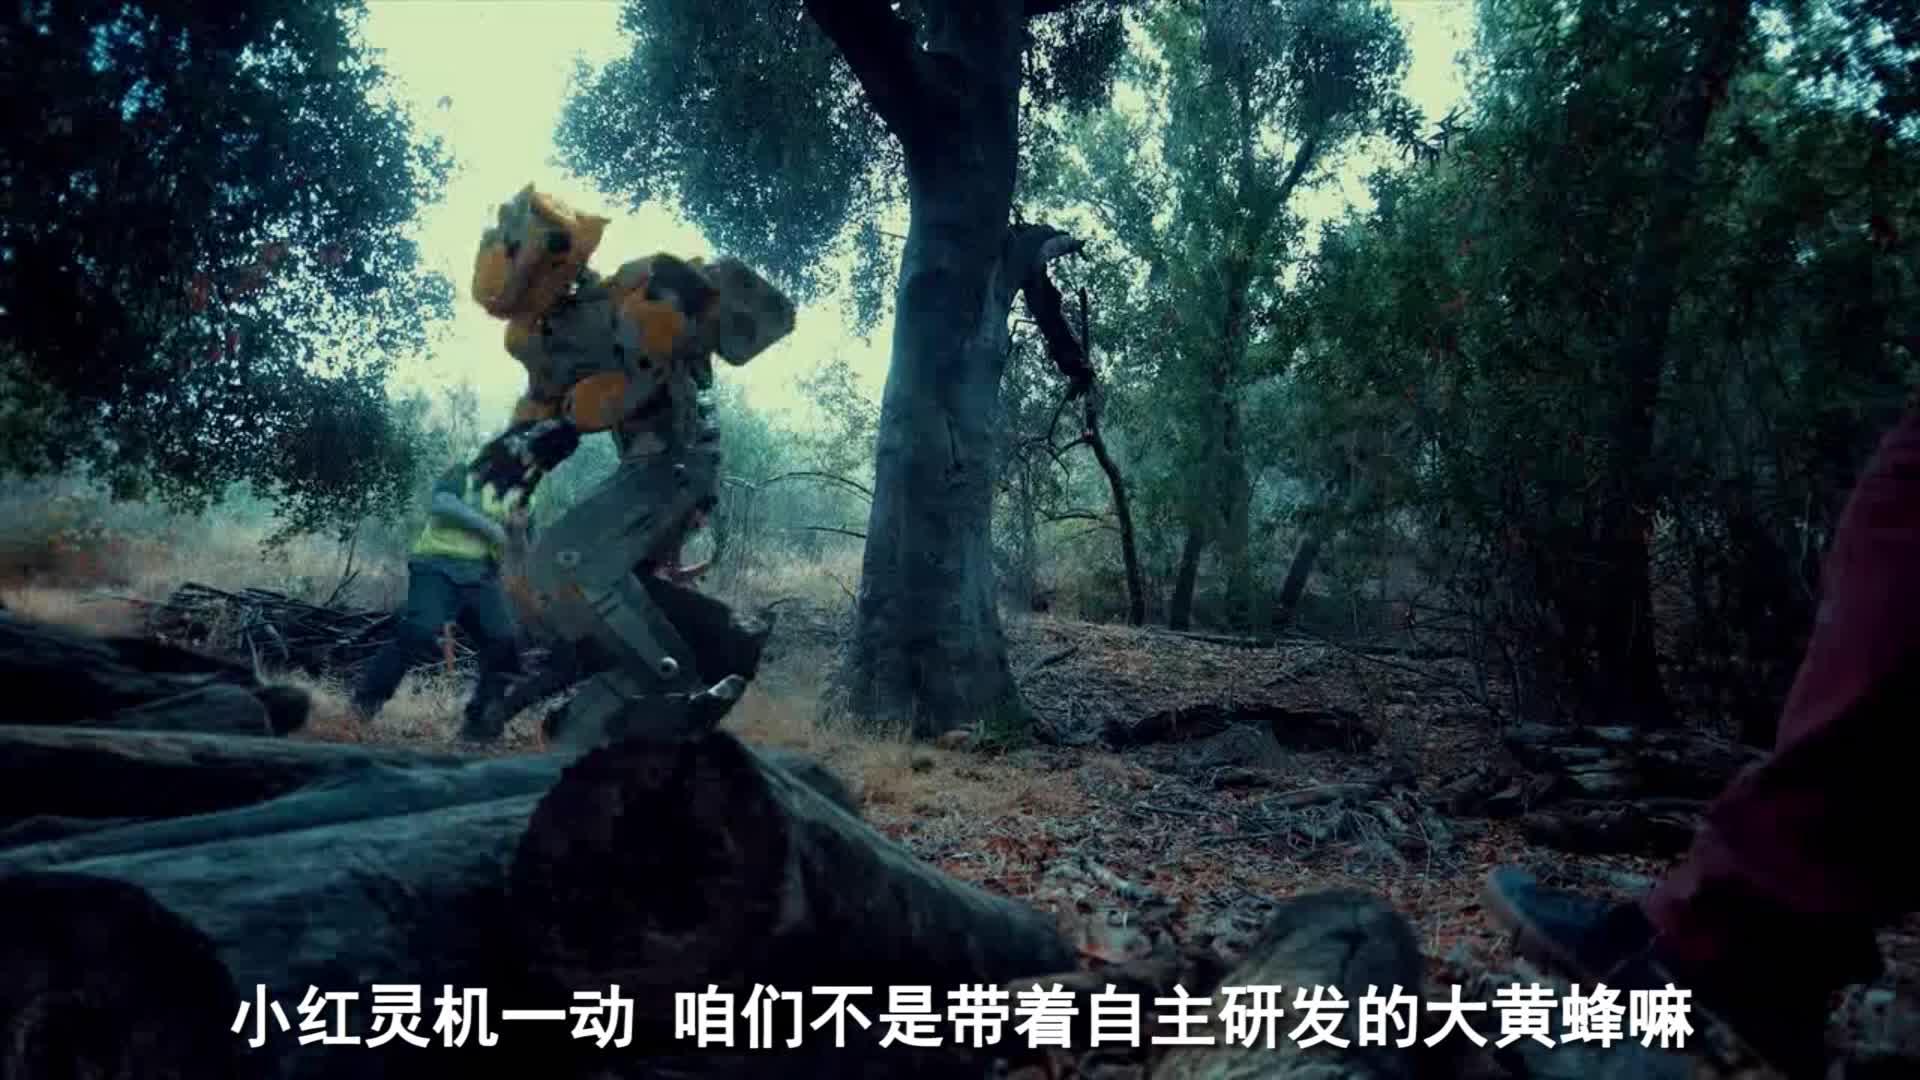 #电影迷的修养#《大黄蜂》究极进化《大马蜂》?!